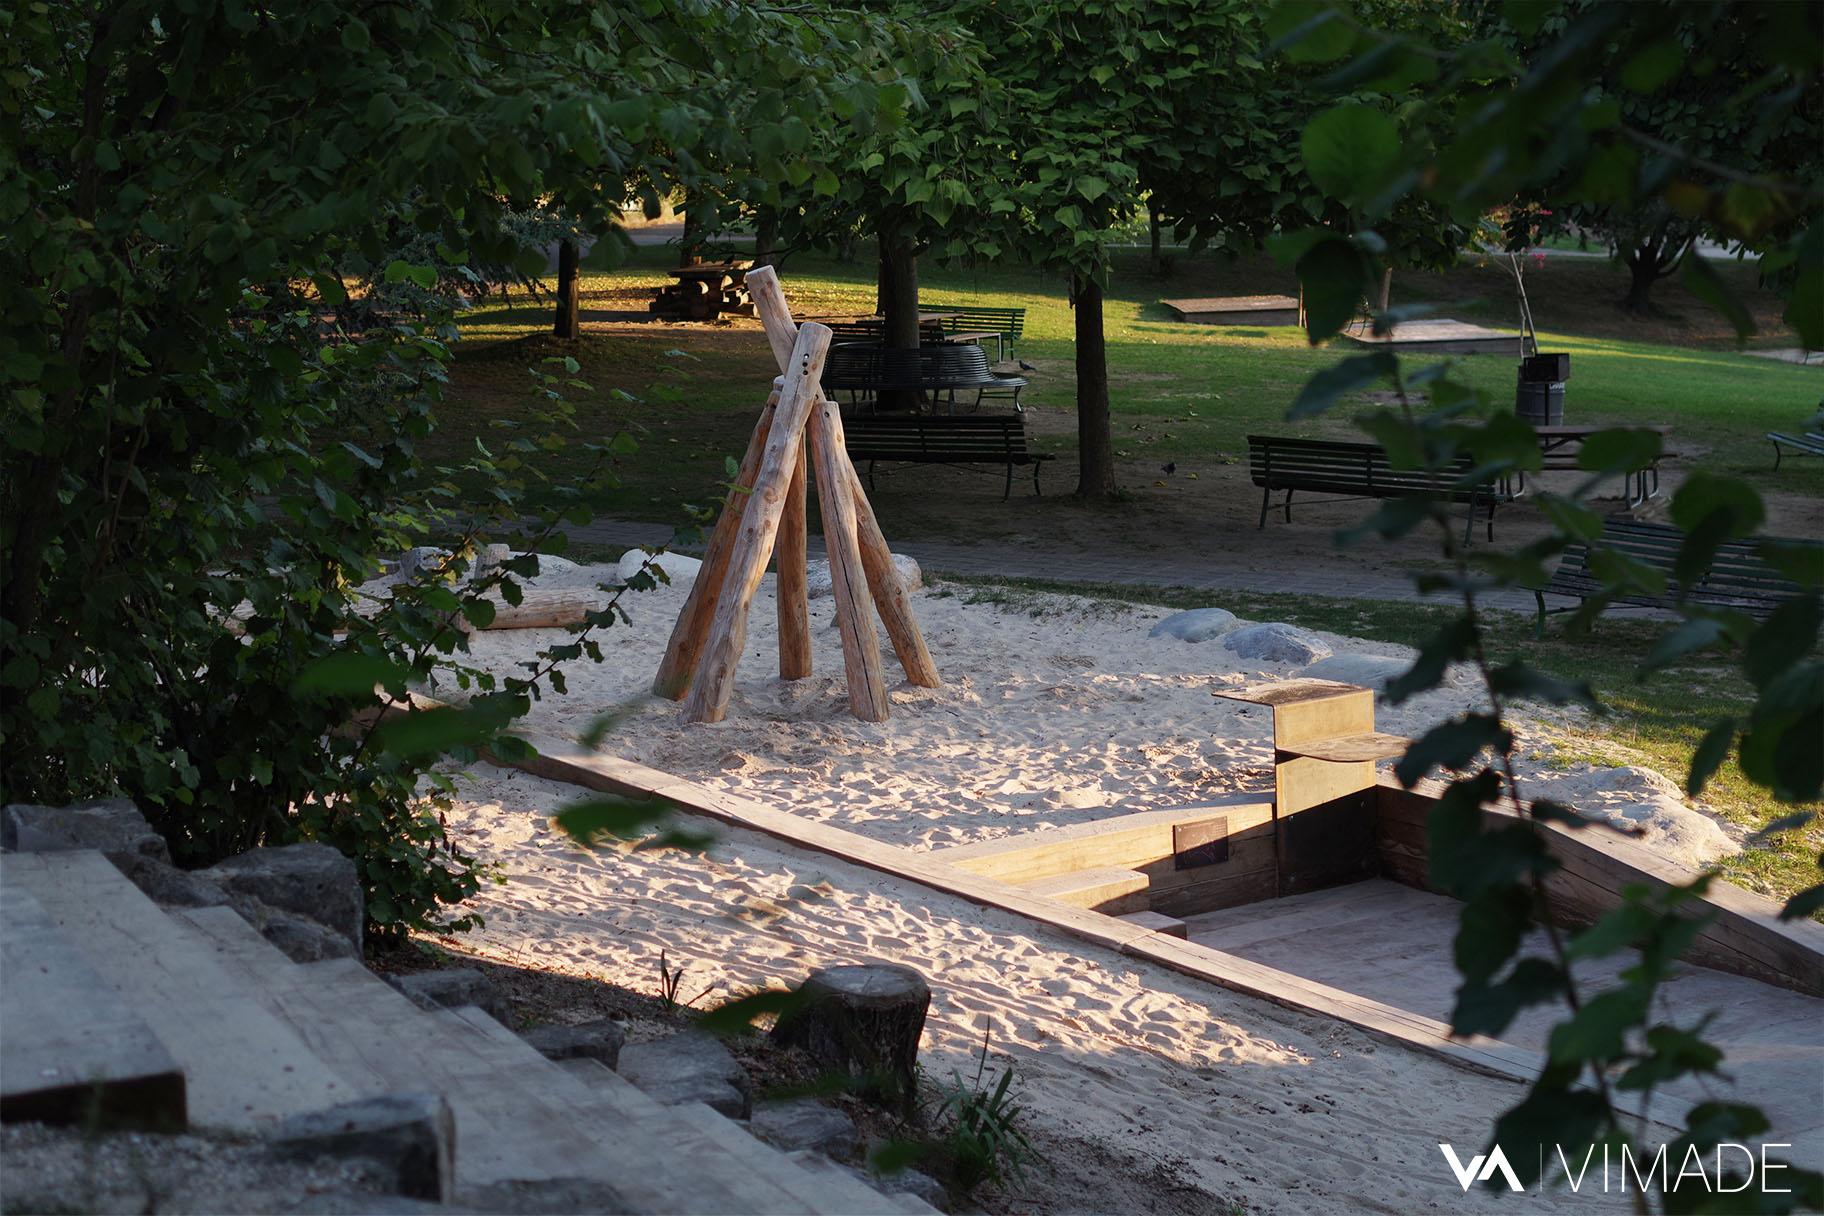 Réaménagement de l'espace de jeux du parc des Franchises par le bureau VIMADE